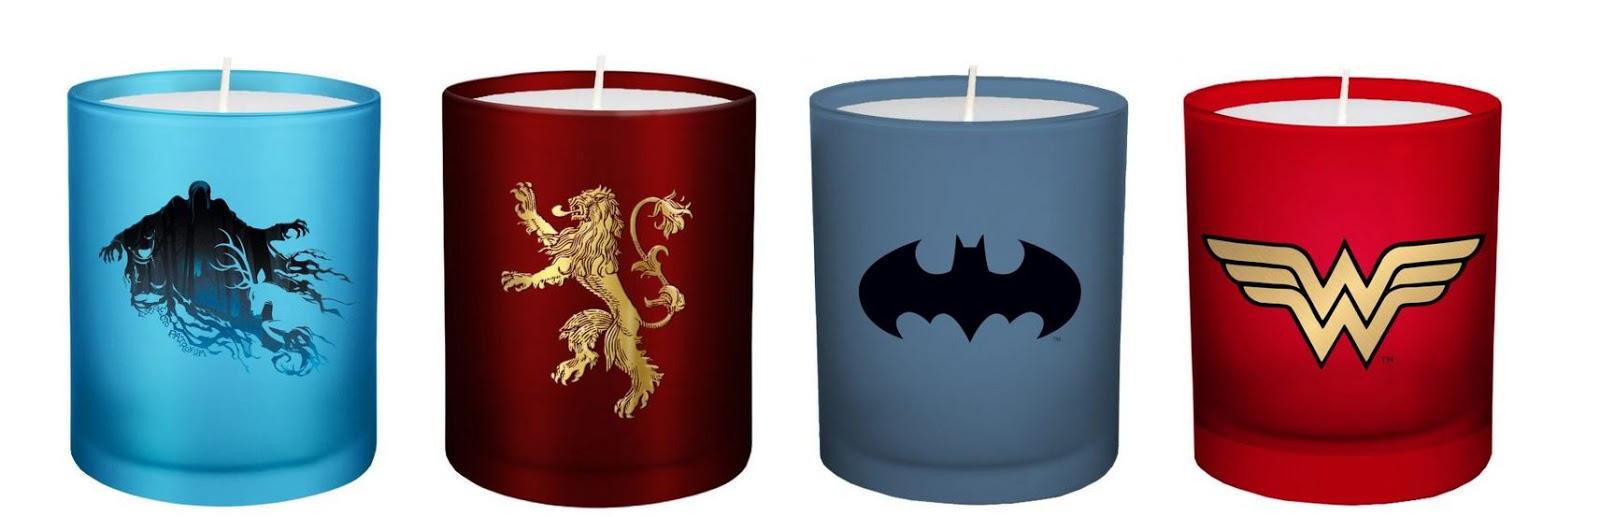 pop culture candles